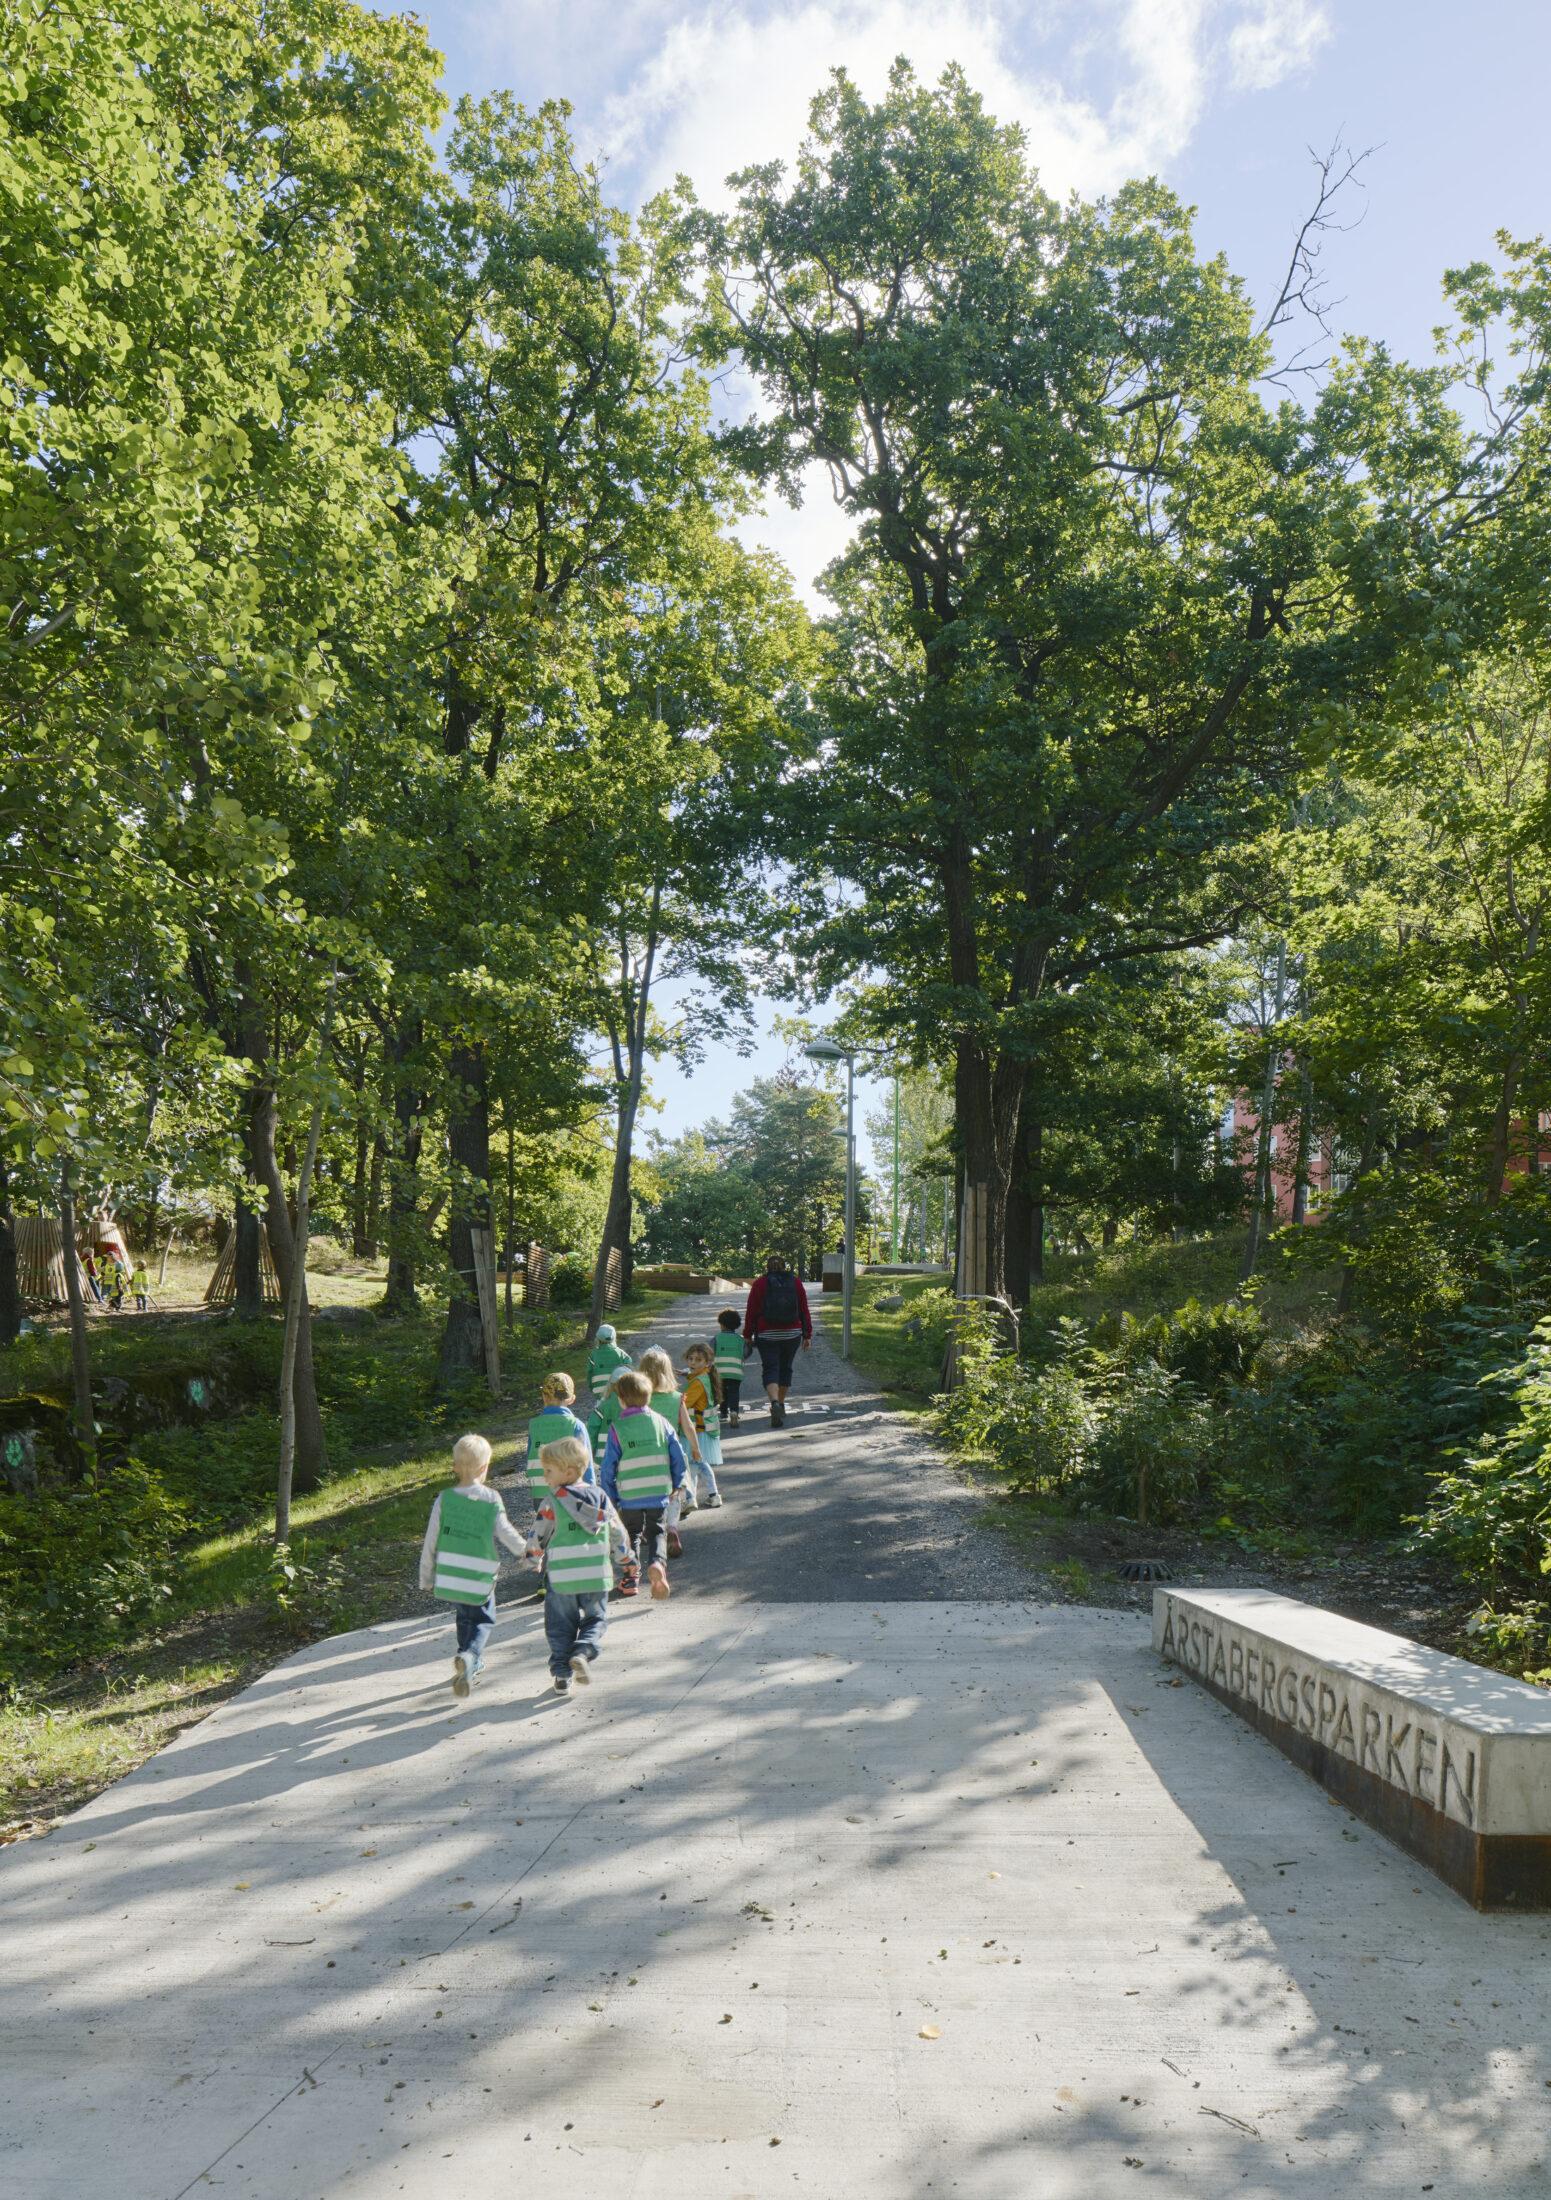 Årstabergsparken är omtyckt av förskolebarnen i området. Barnen promenerar in i parken.